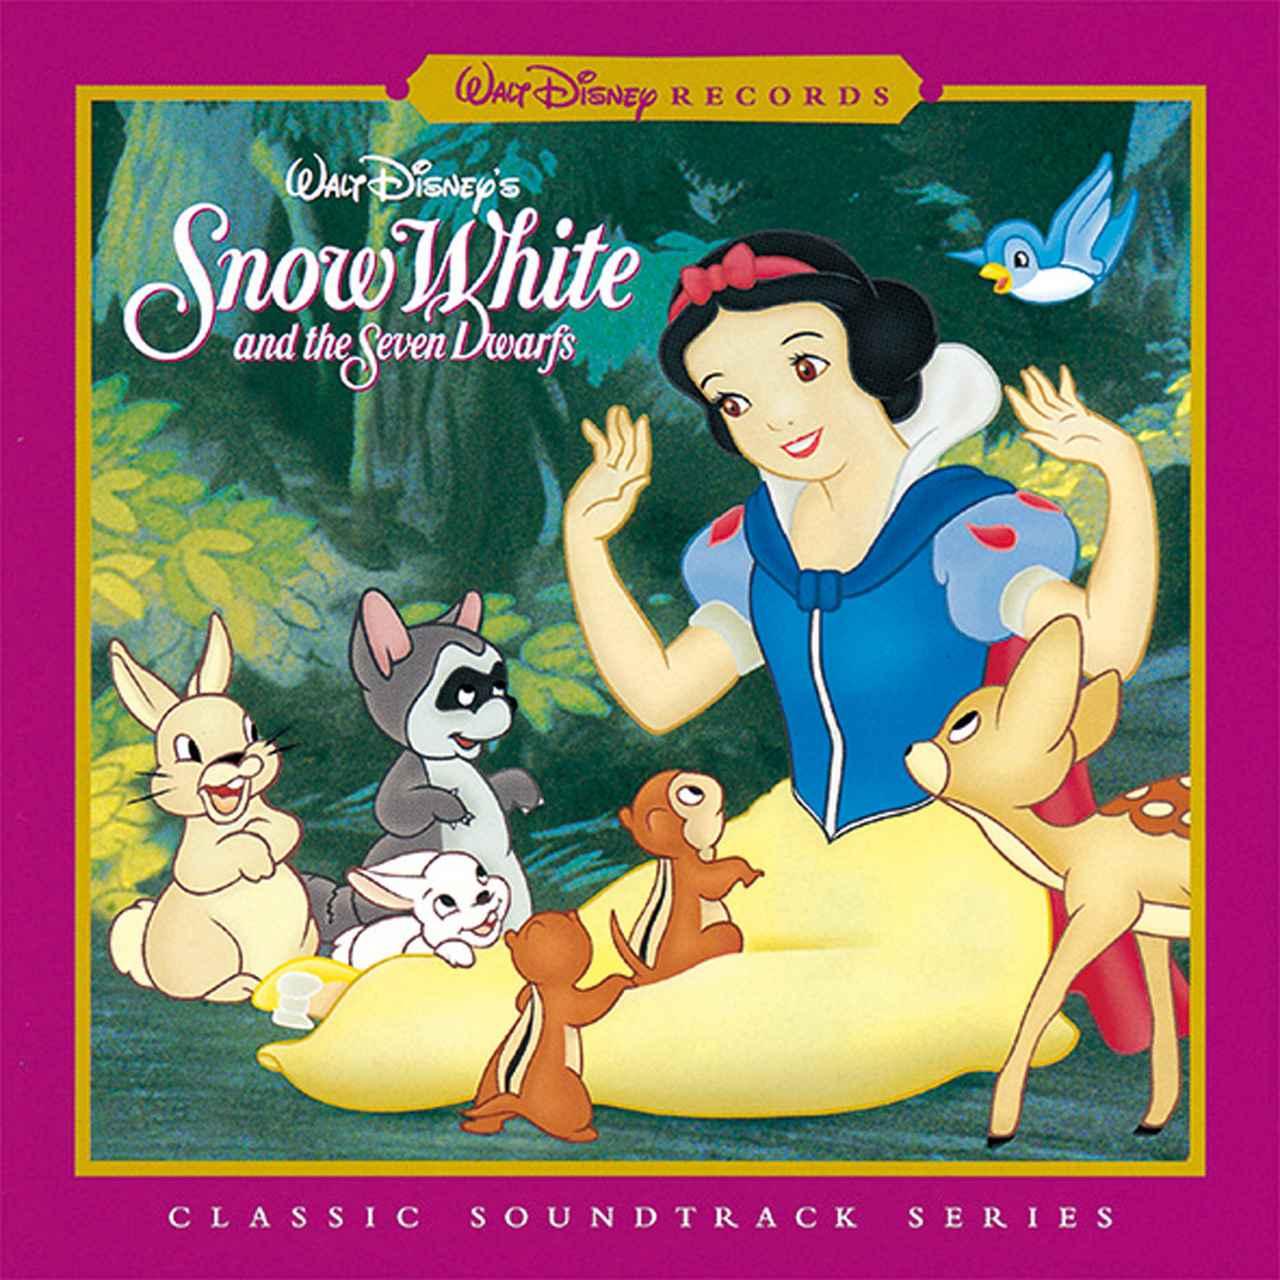 画像: 白雪姫オリジナル・サウンドトラックデジタル・リマスター盤(UWCD-8001)